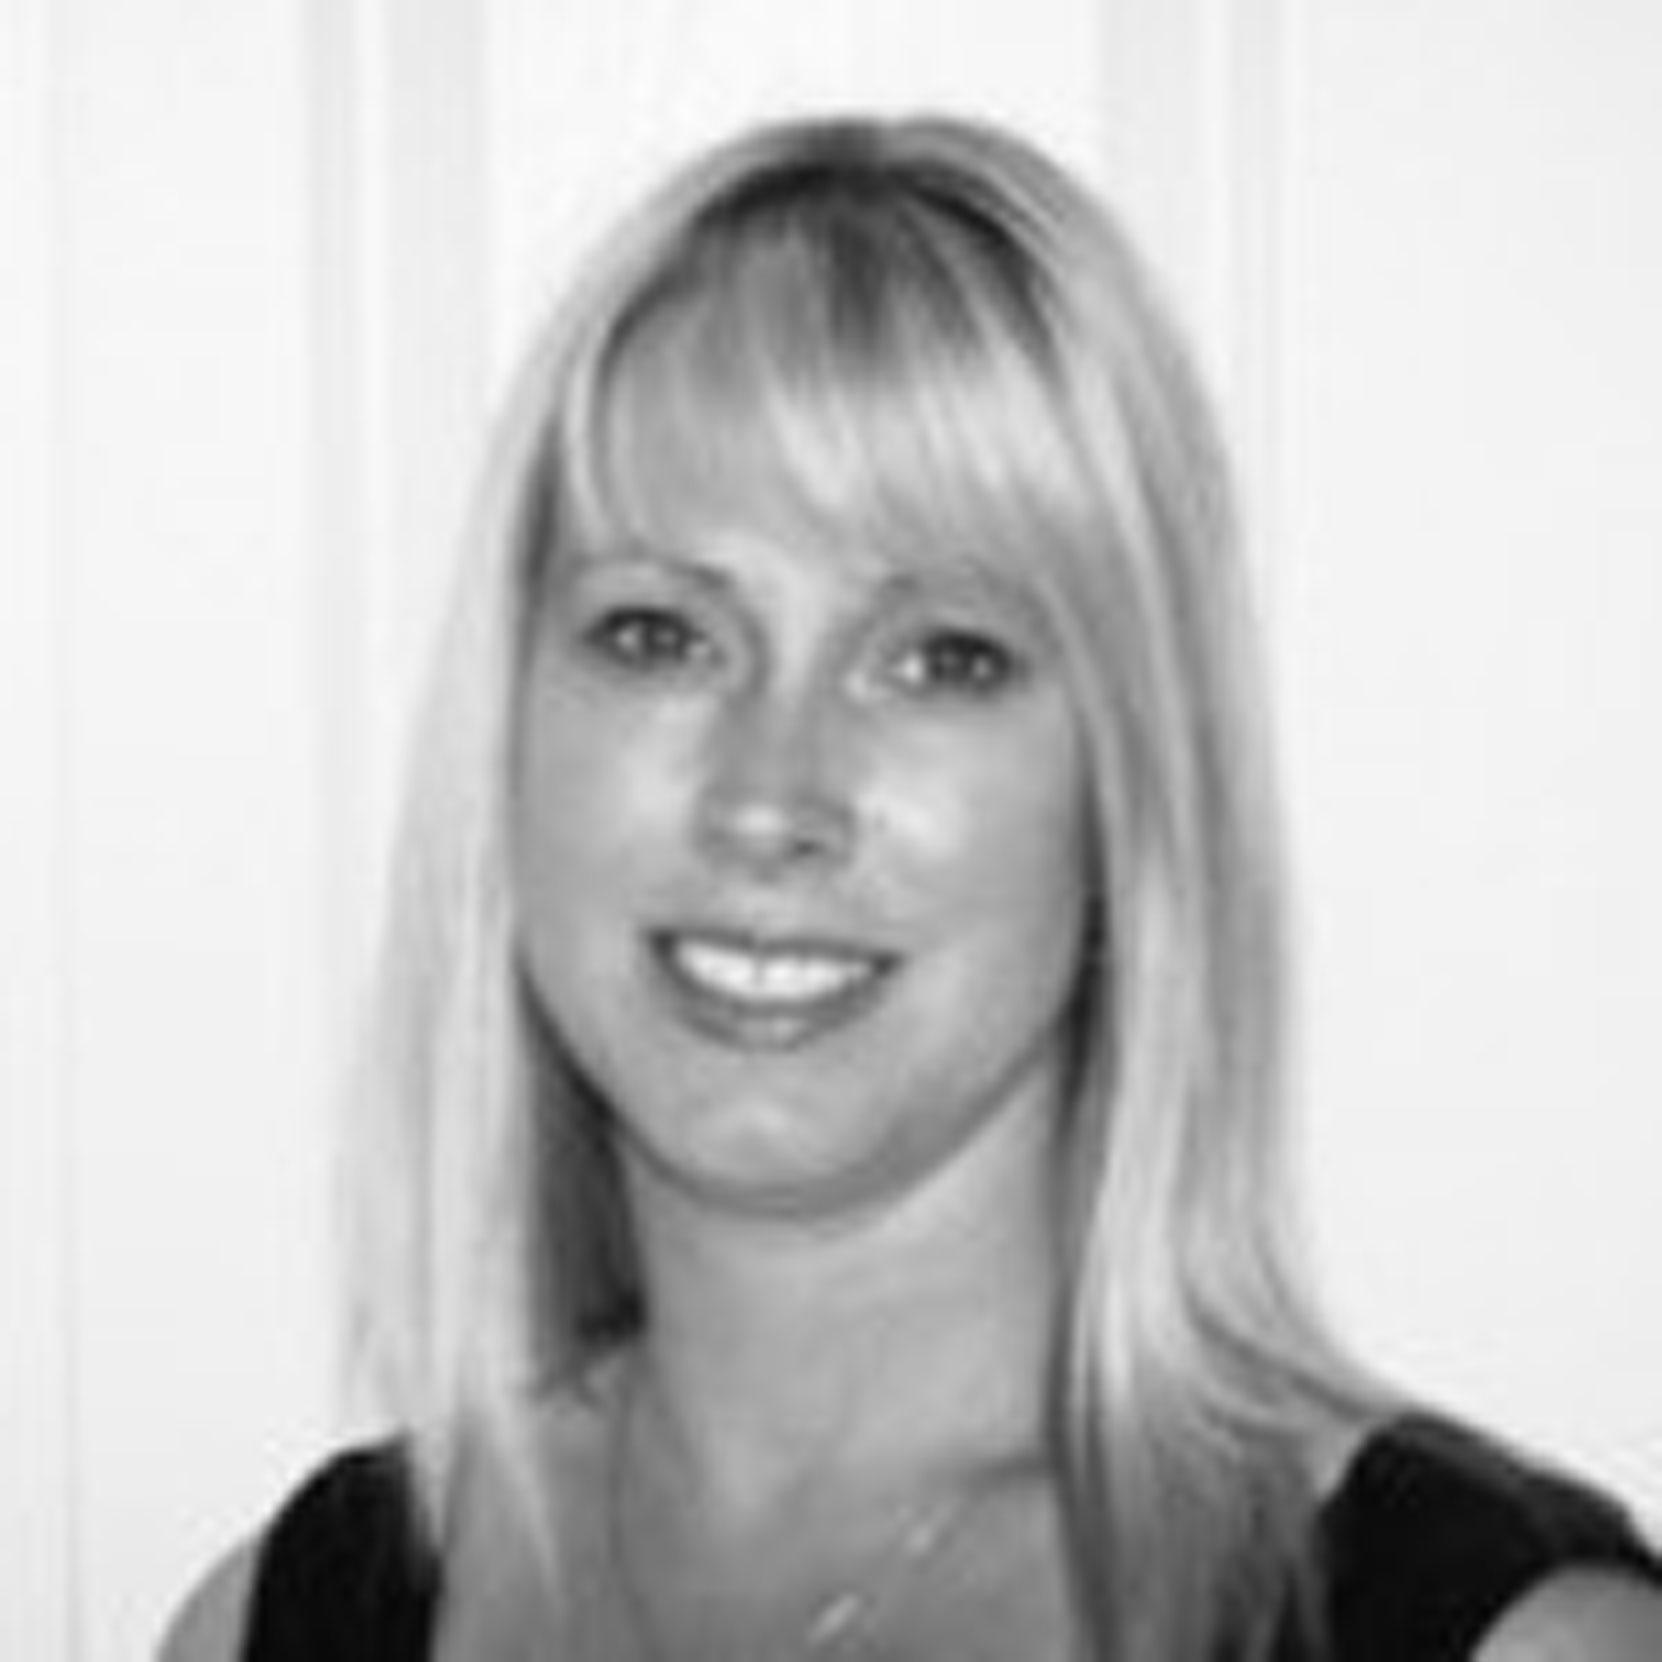 Forum on this topic: Kaia Gerber, toni-seawright/